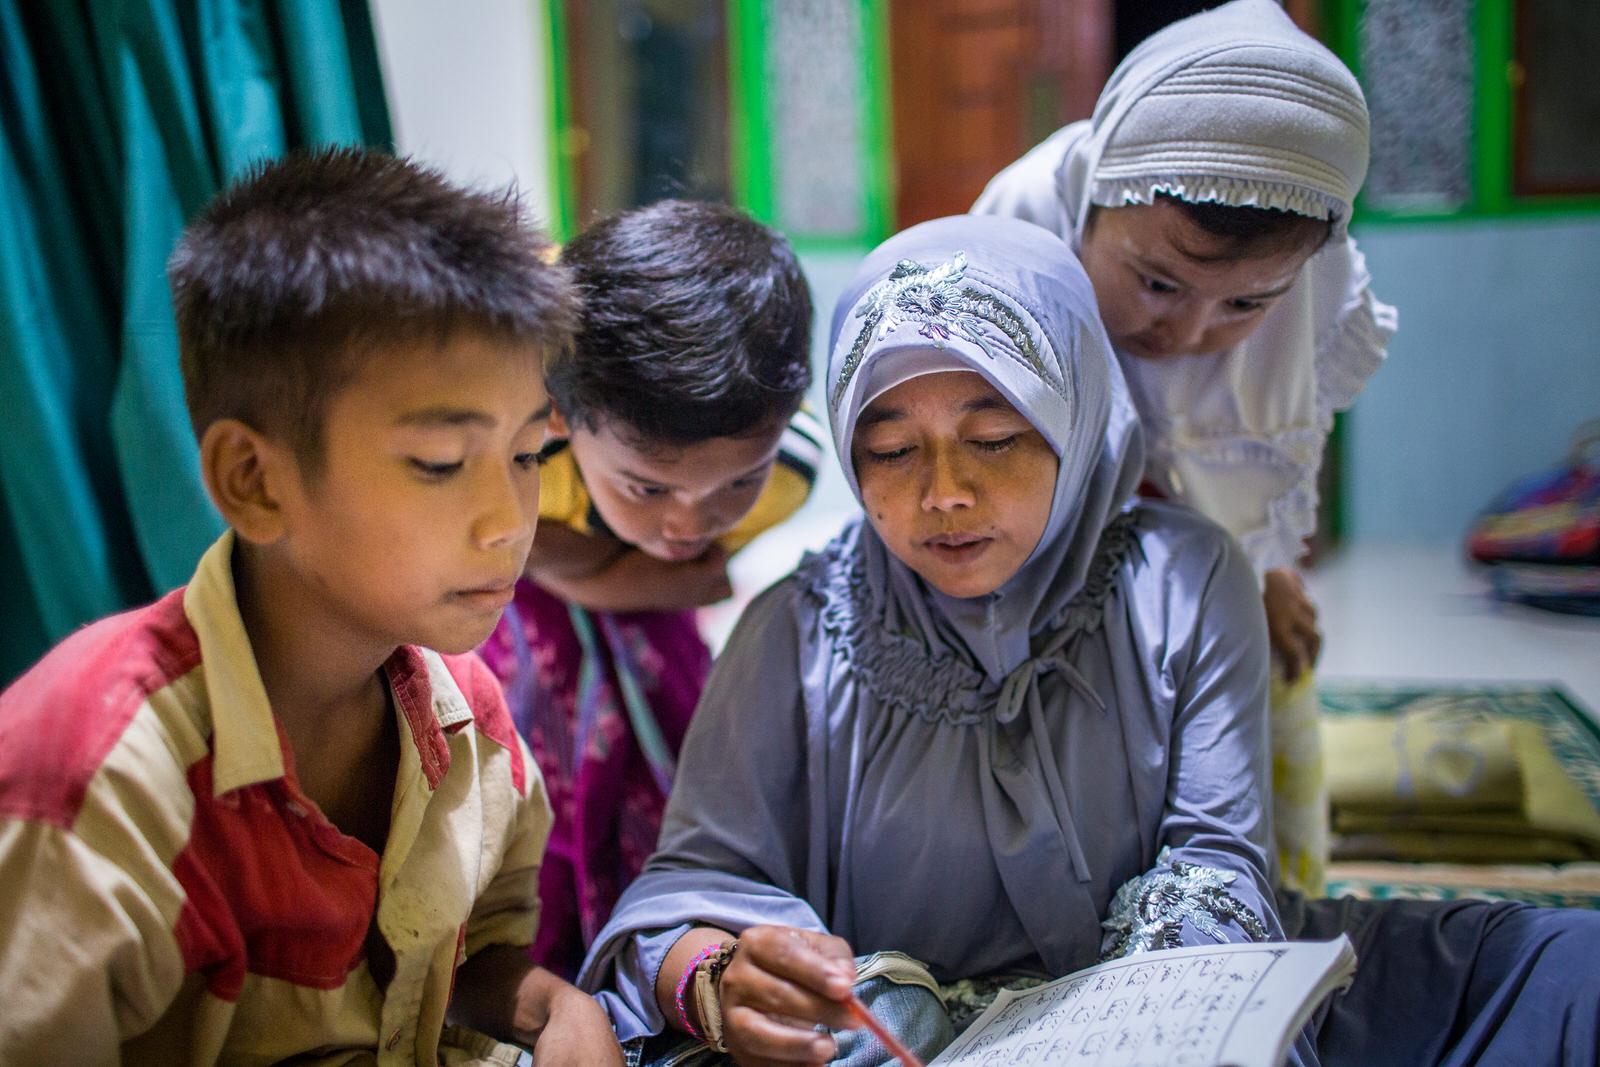 Reni volunteers to tutor the children in her village to recite the Koran.